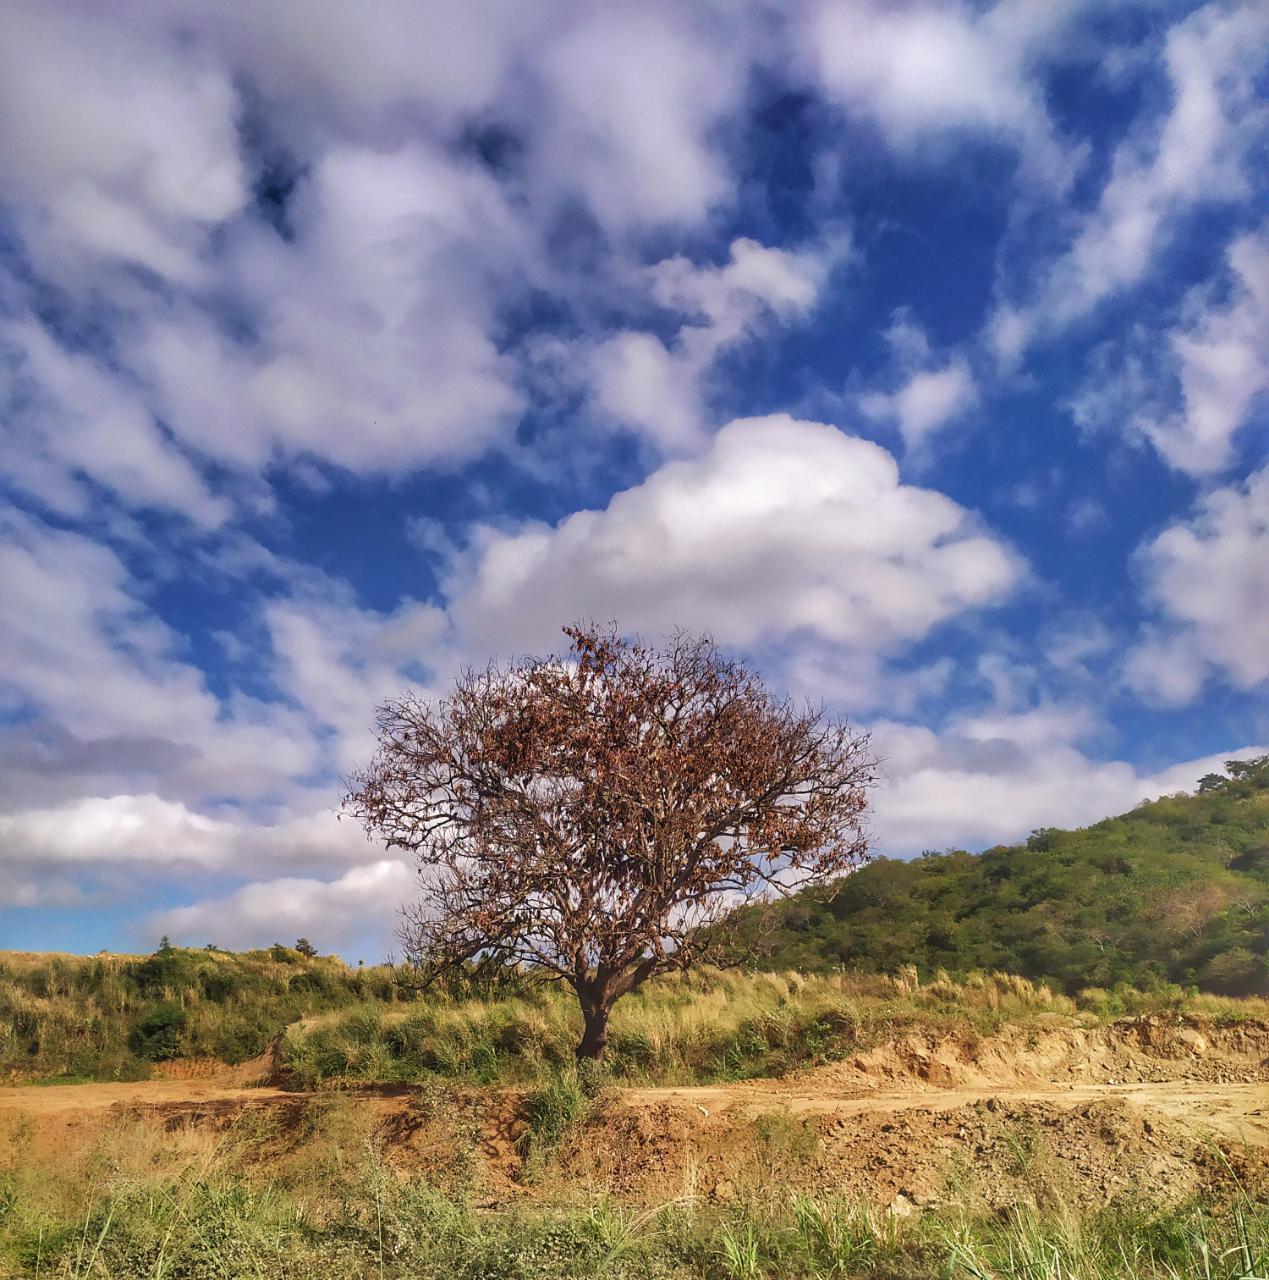 Apesar da grande presença de nuvens, não há, neste momento, expectativa de chuvas (FOTO: Halisson Oliveira)